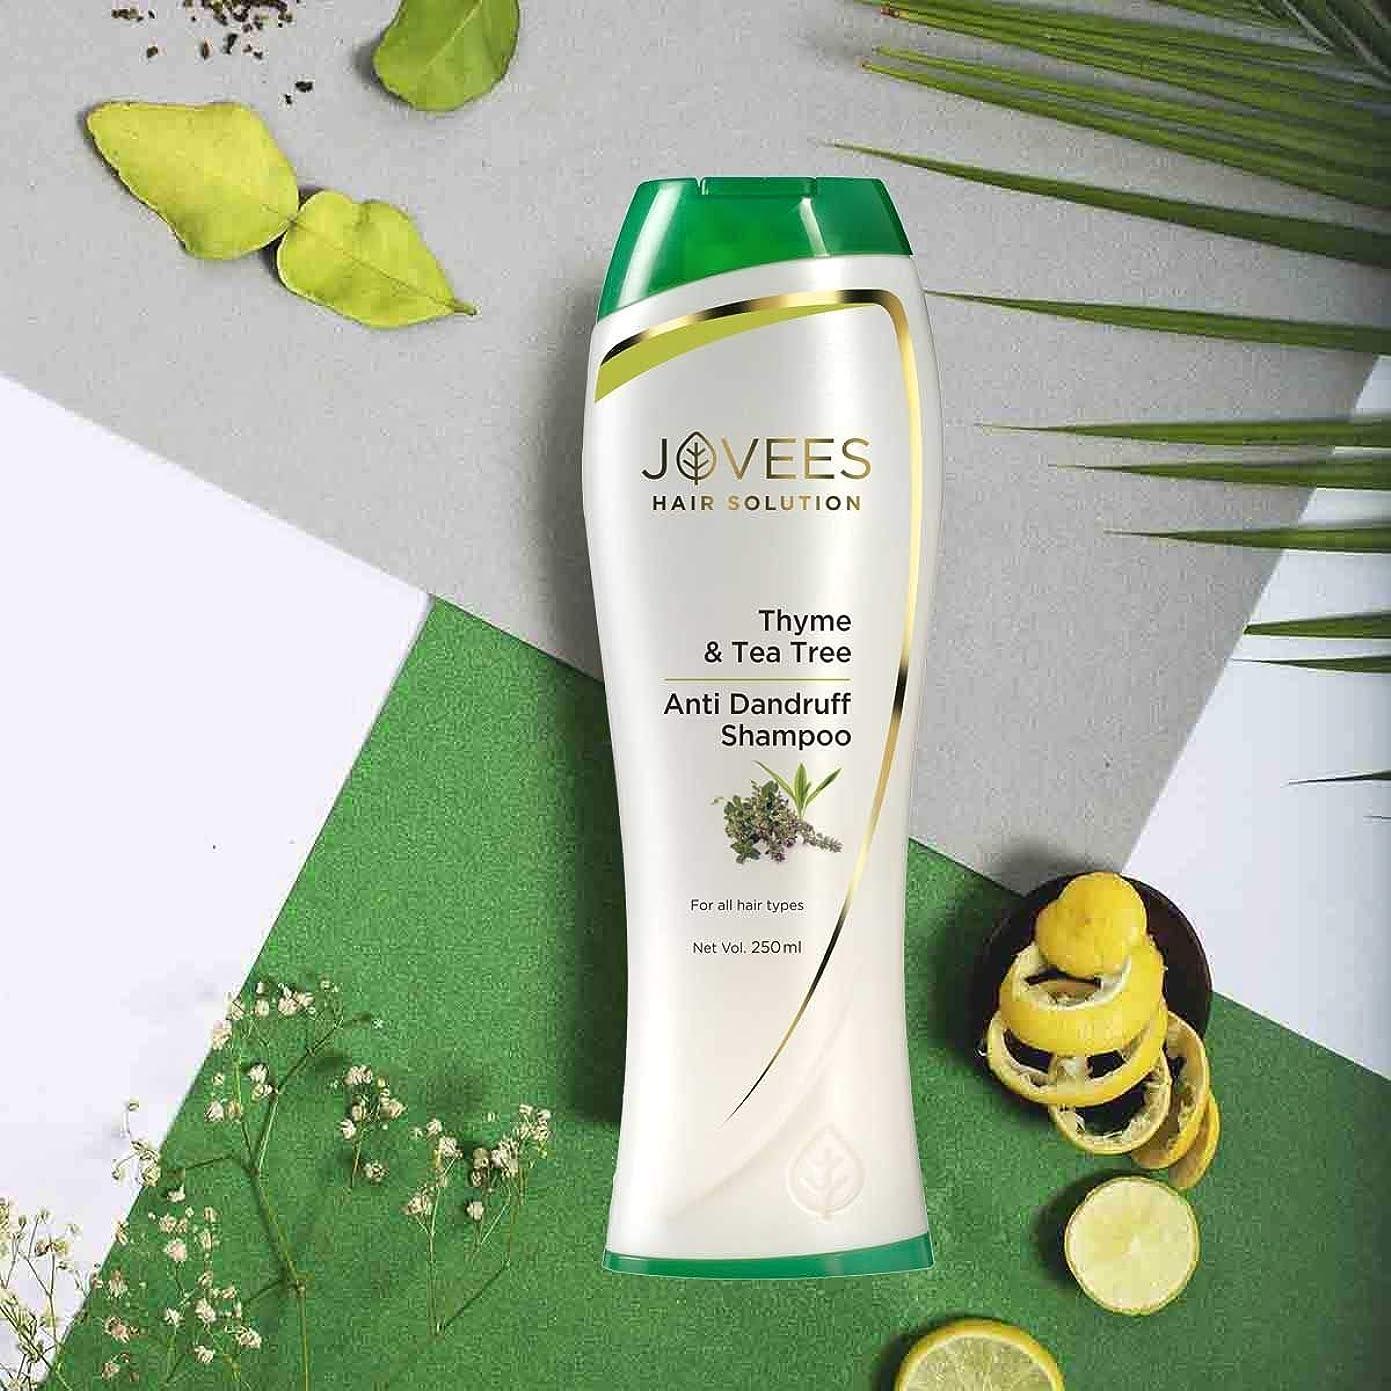 シュガー是正冗長Jovees Thyme & Tea Tree Anti Dandruff Shampoo 250ml bring vitality & strength to Hairs タイム&ティーツリーアンチフケシャンプーが髪に活力と強さをもたらします